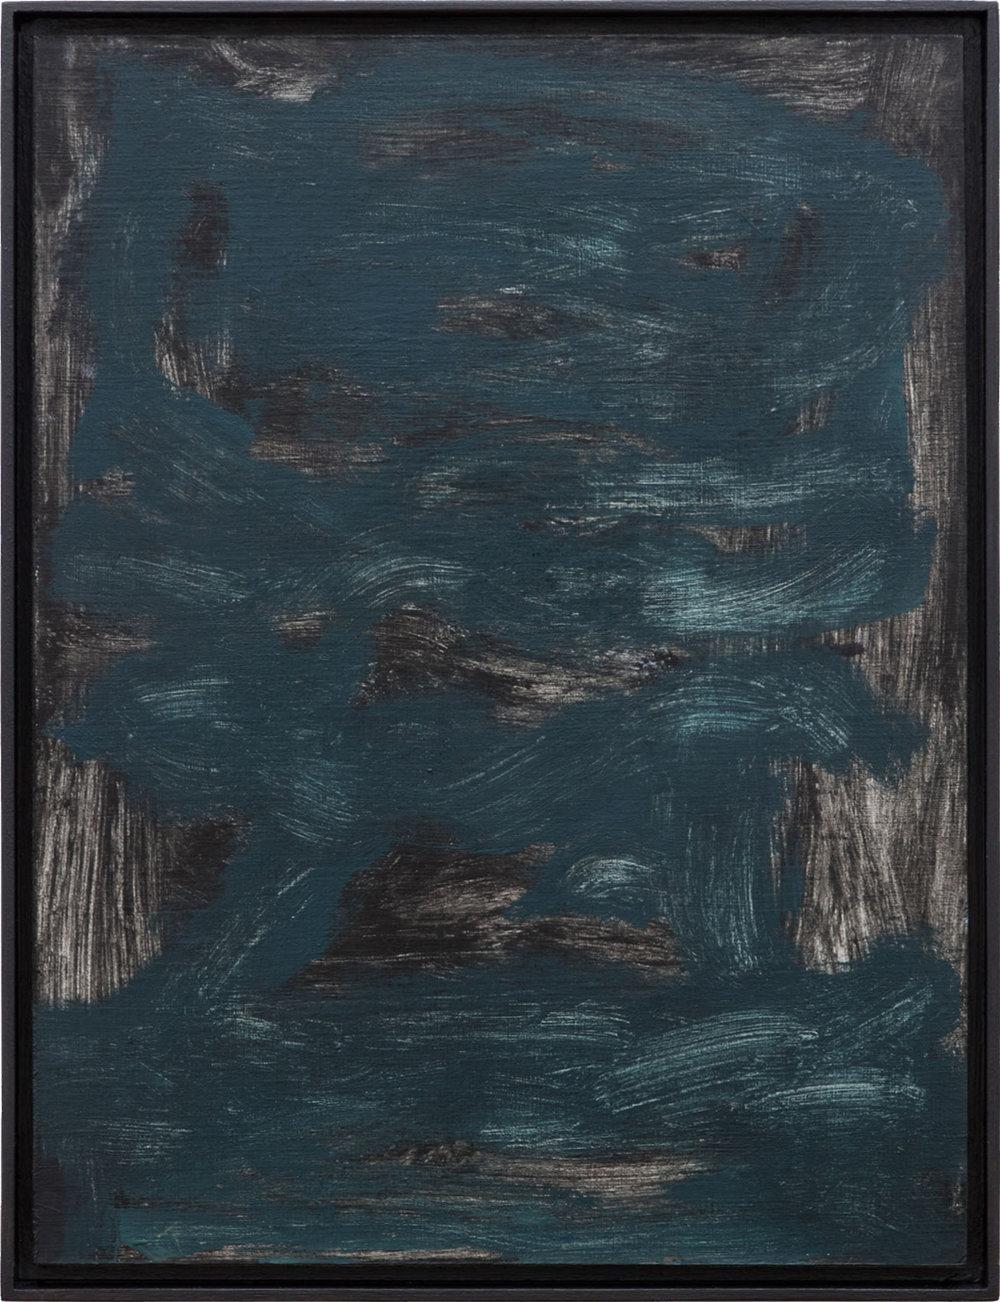 Ohne Titel, Öl auf Papier auf MDF in Künstlerrahmen, 39,7 x 29,8 cm